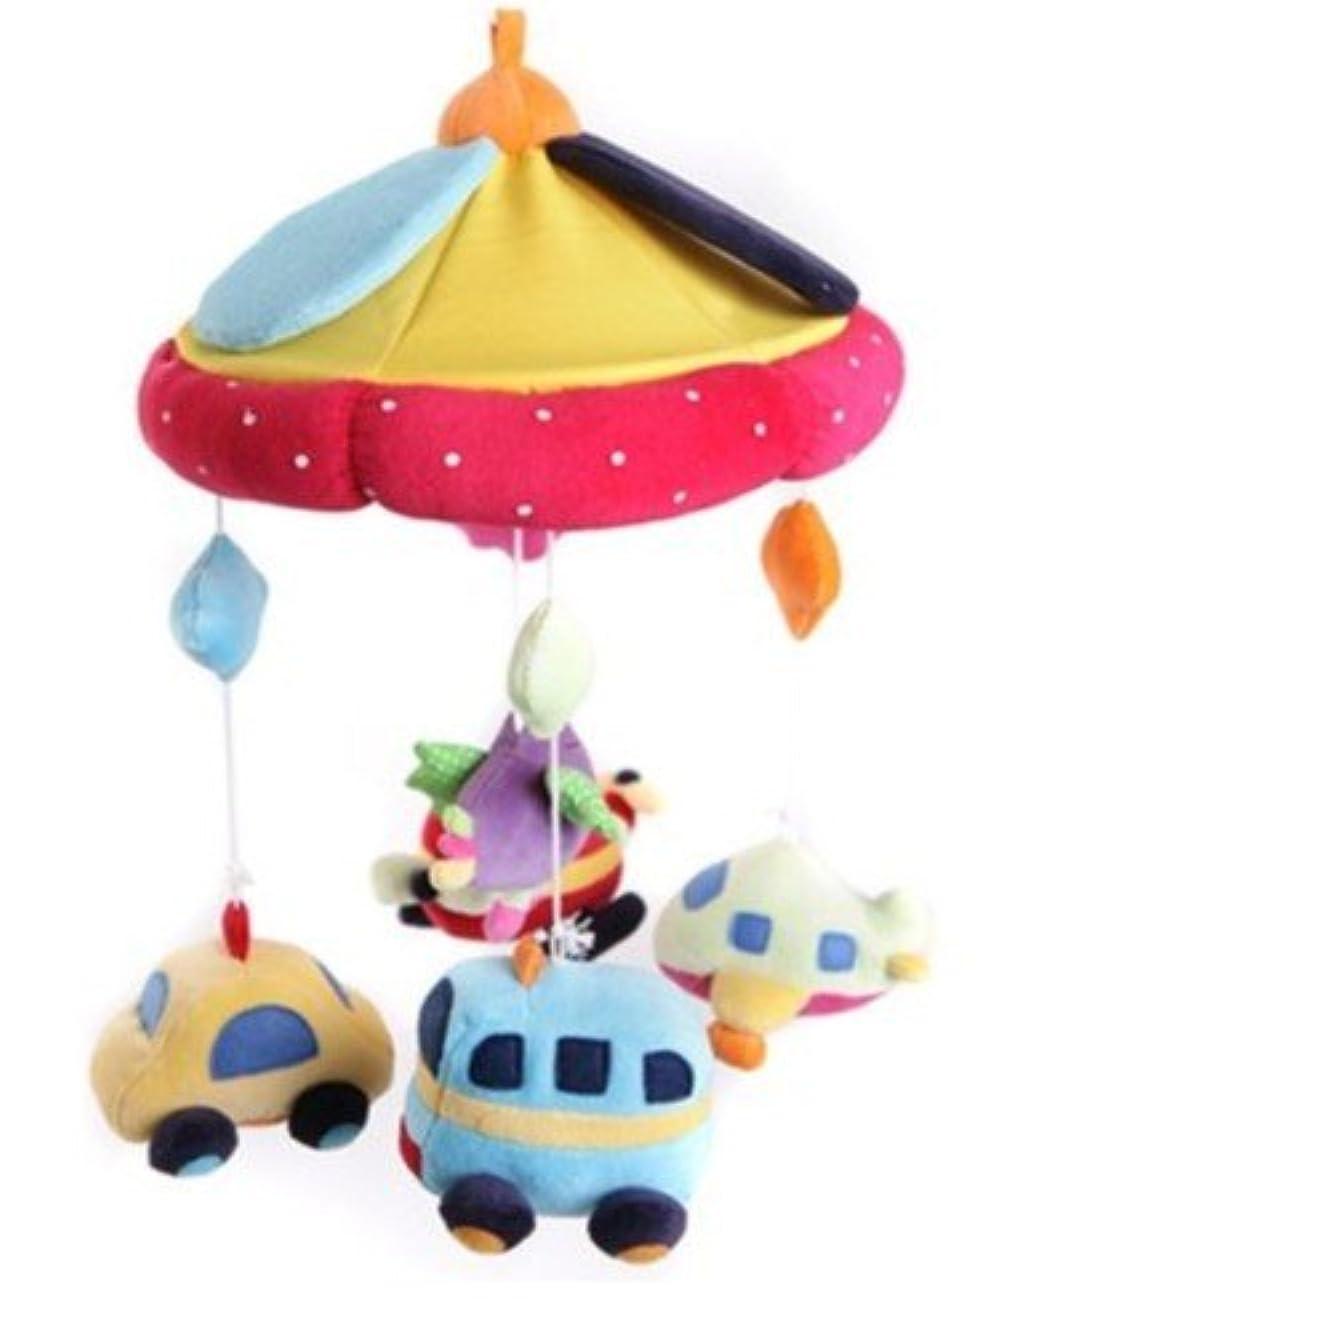 軍艦適用済み旅Car toy melody color mobile